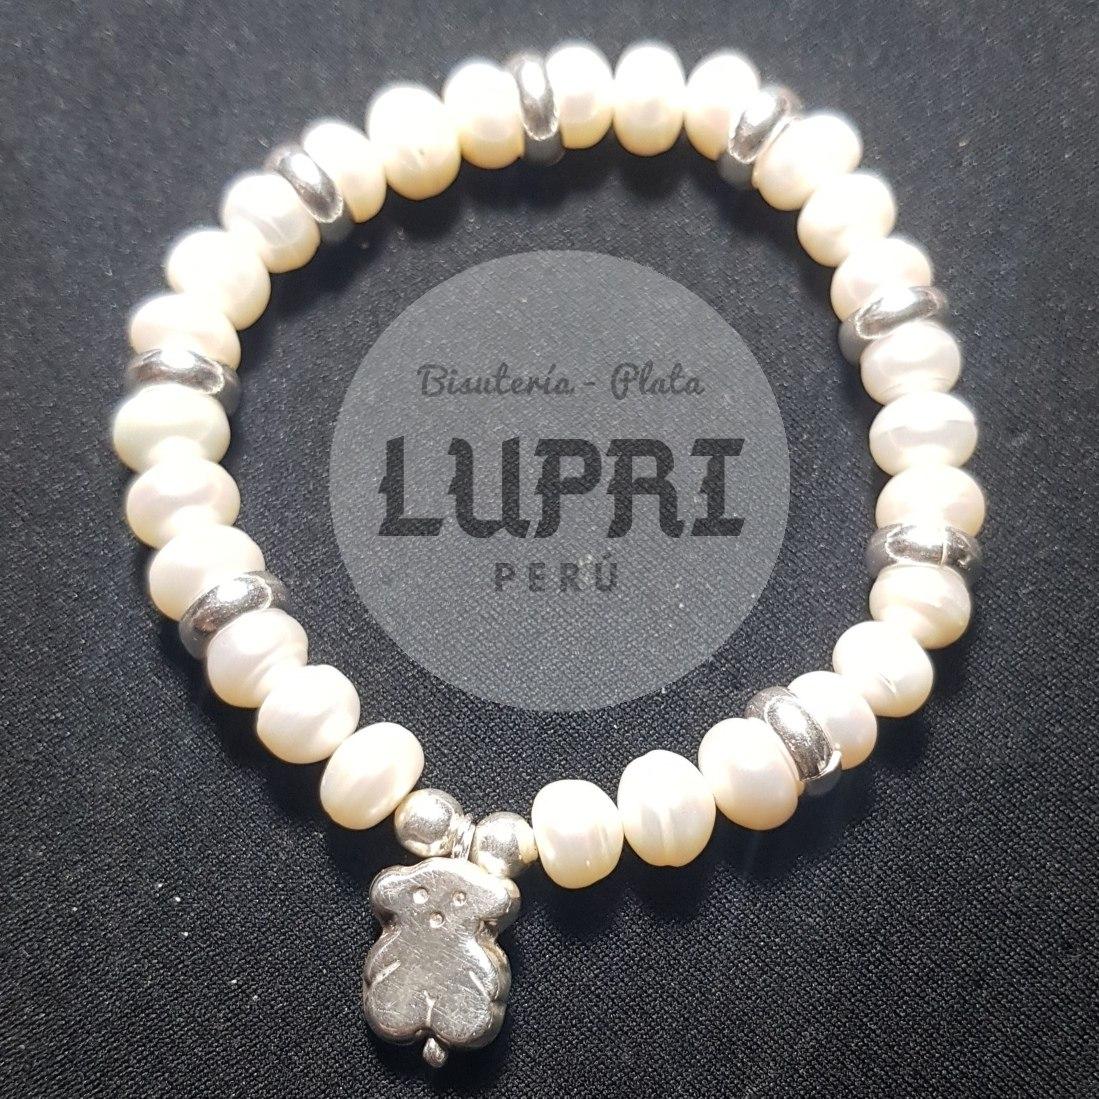 cf48110b201a pulsera de perlas naturales con accesorios de plata 950. Cargando zoom.